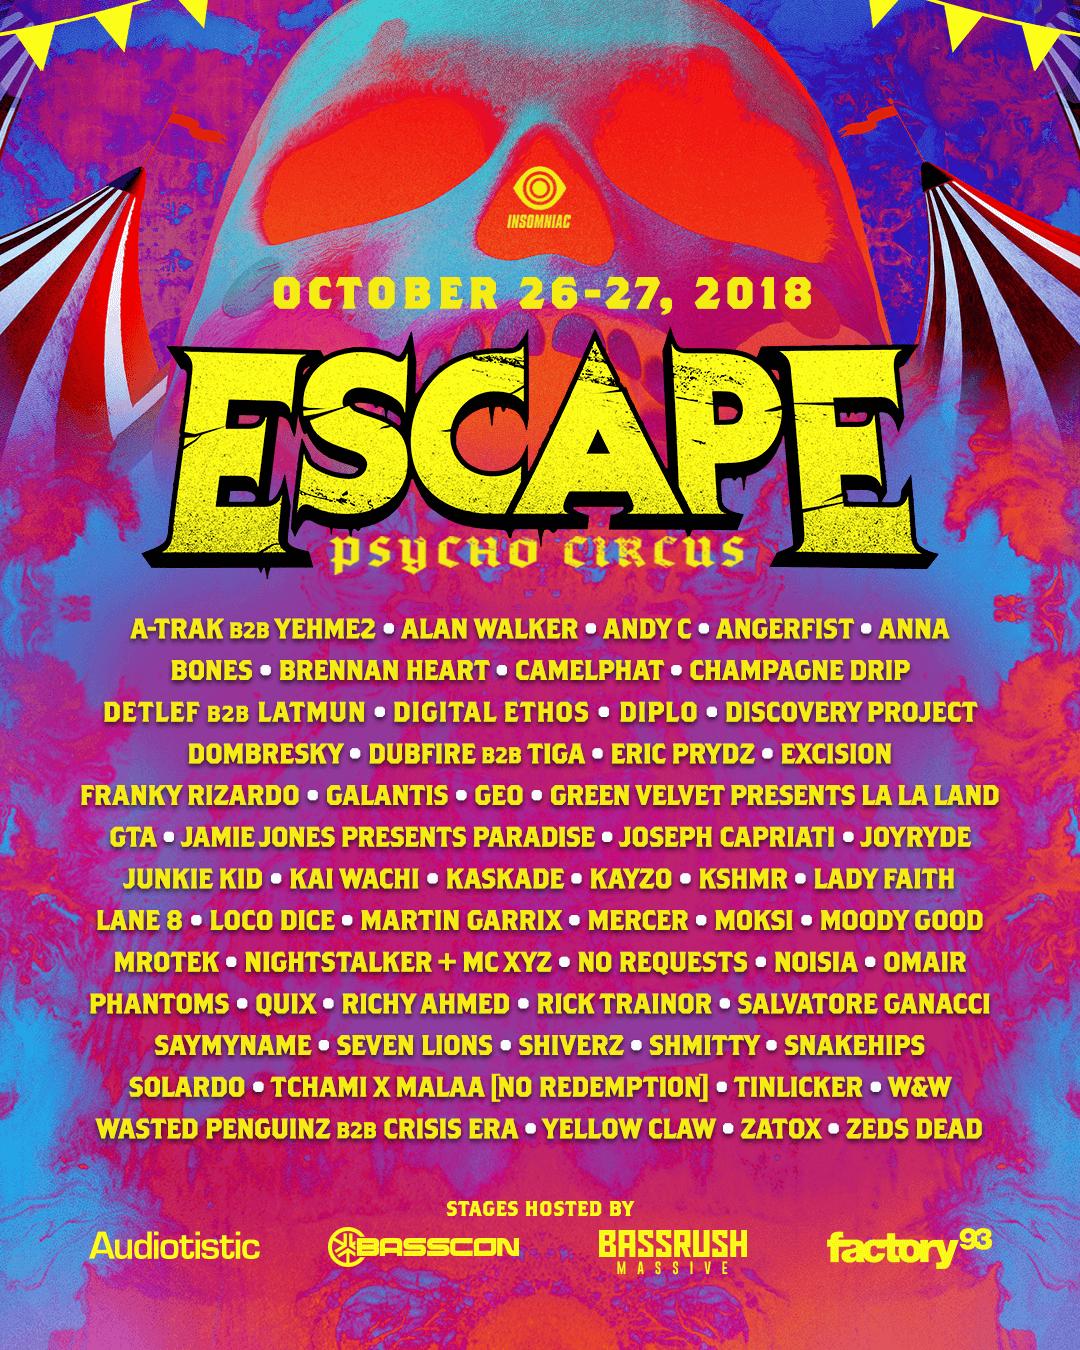 Escape 2018 Lineup